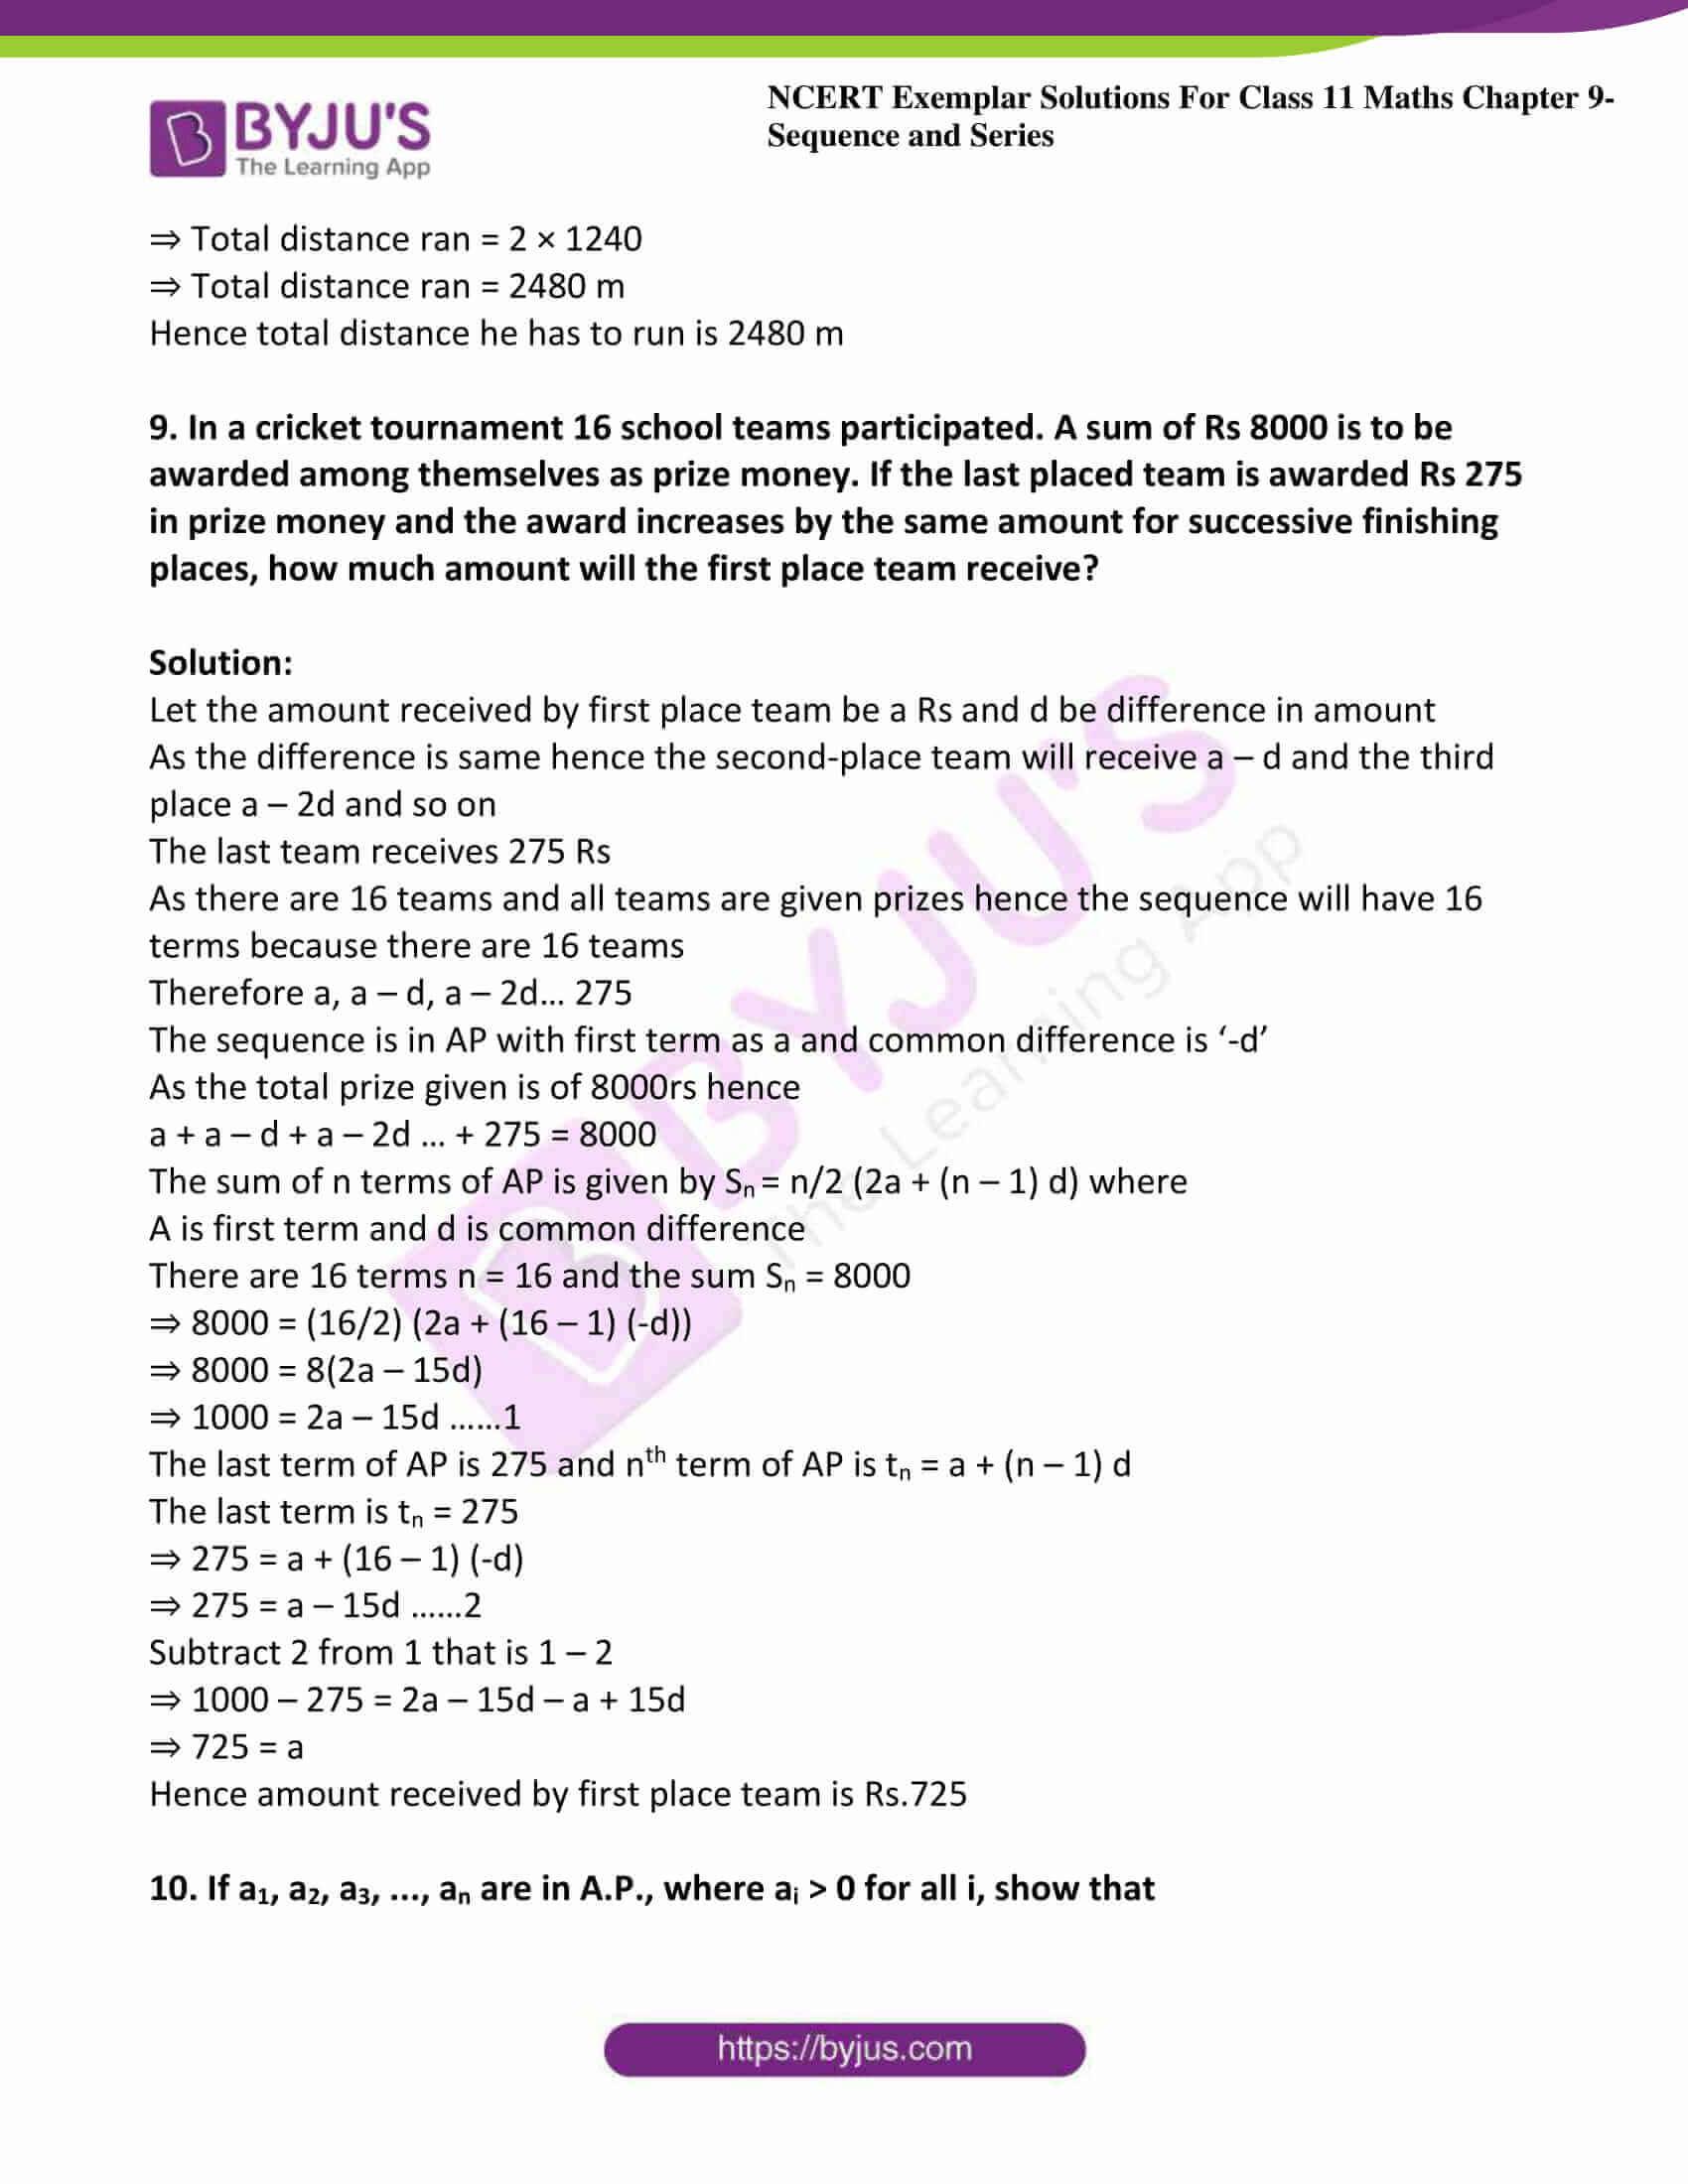 ncert exemplar sol class 11 maths chpt 9 sequence 09